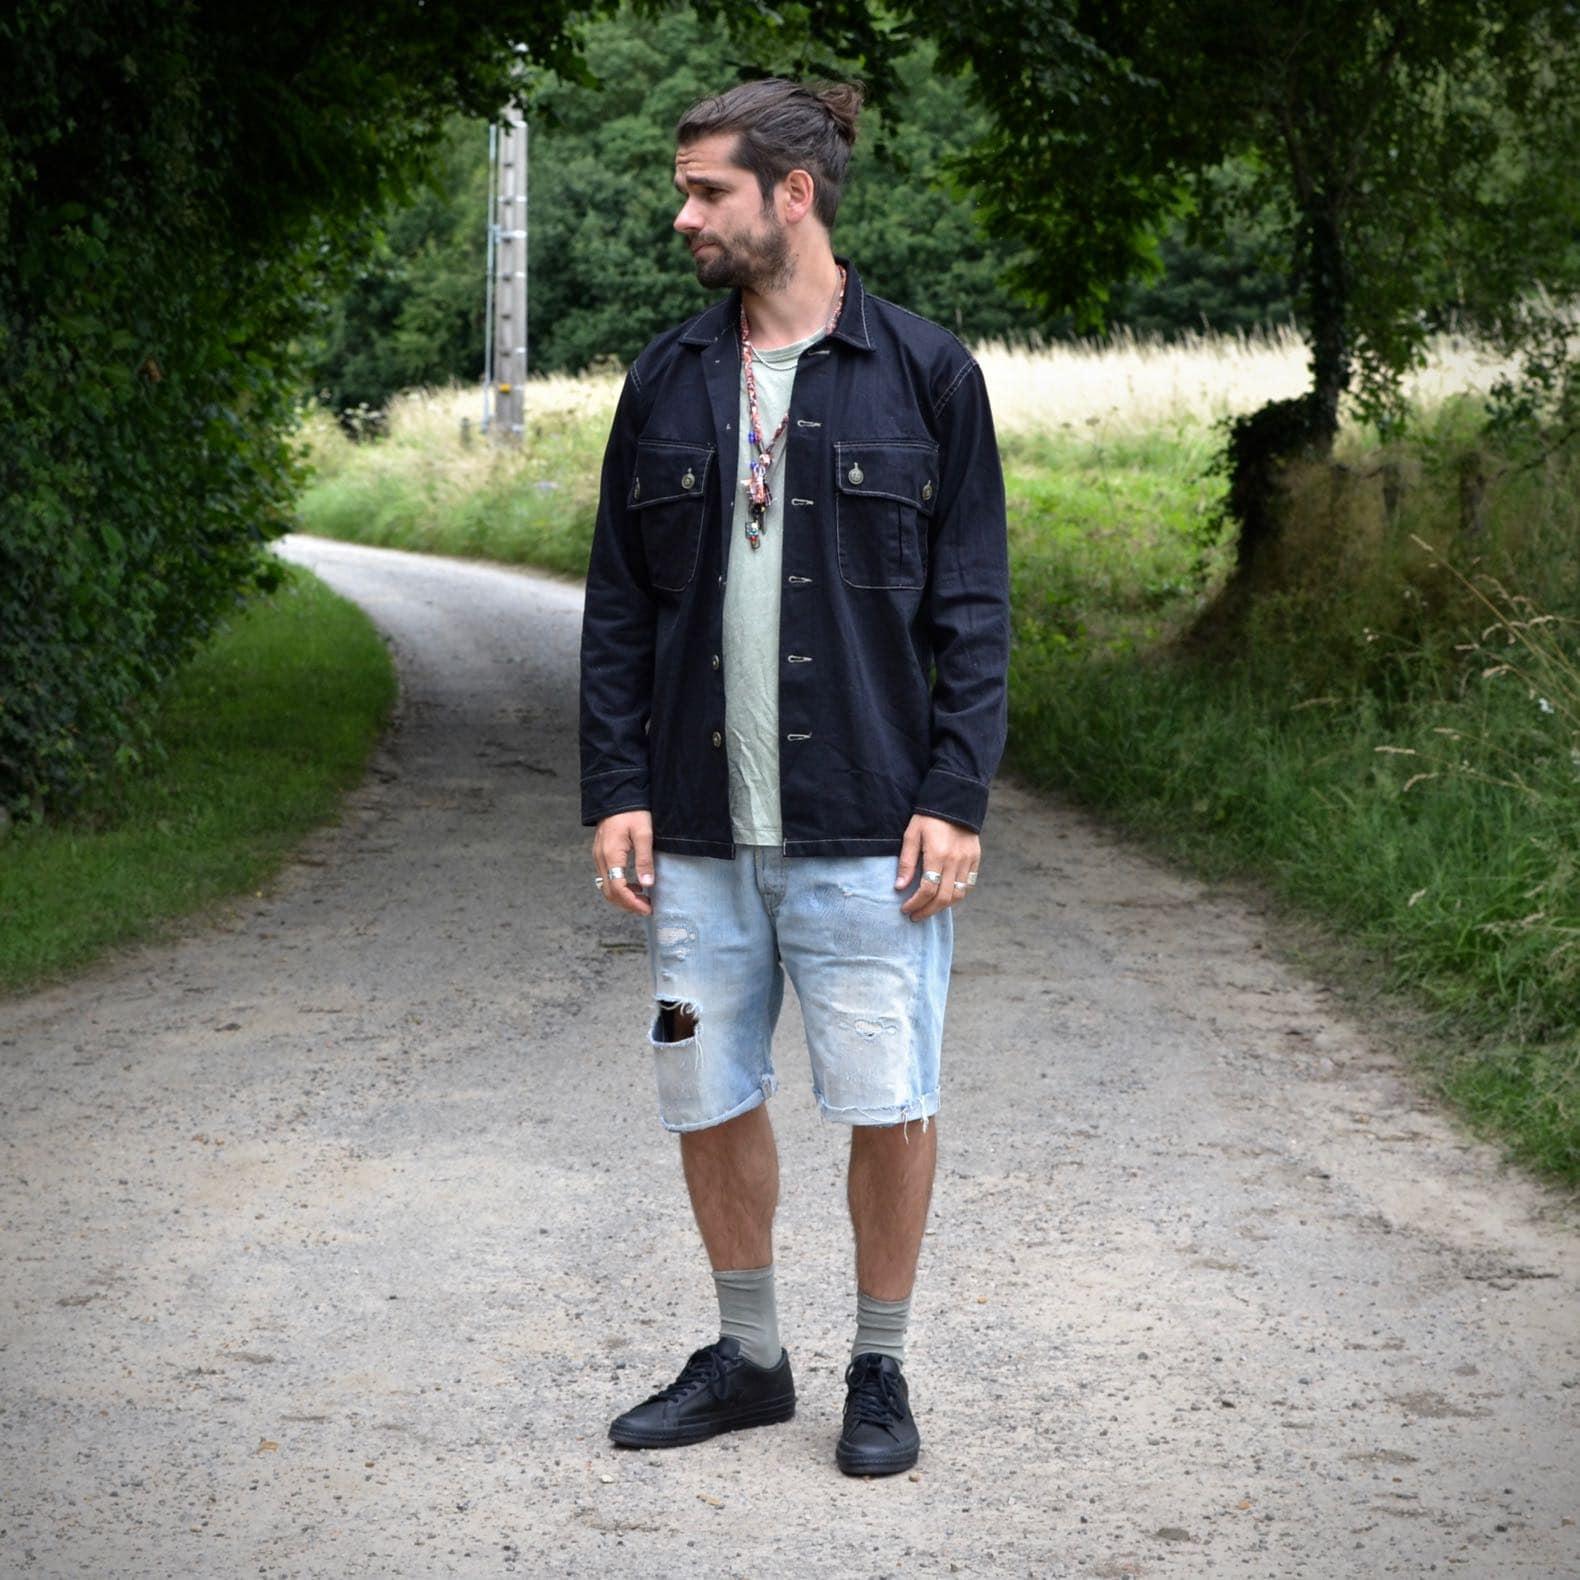 boras-conseil-porter-couleur-noir-stule-homme